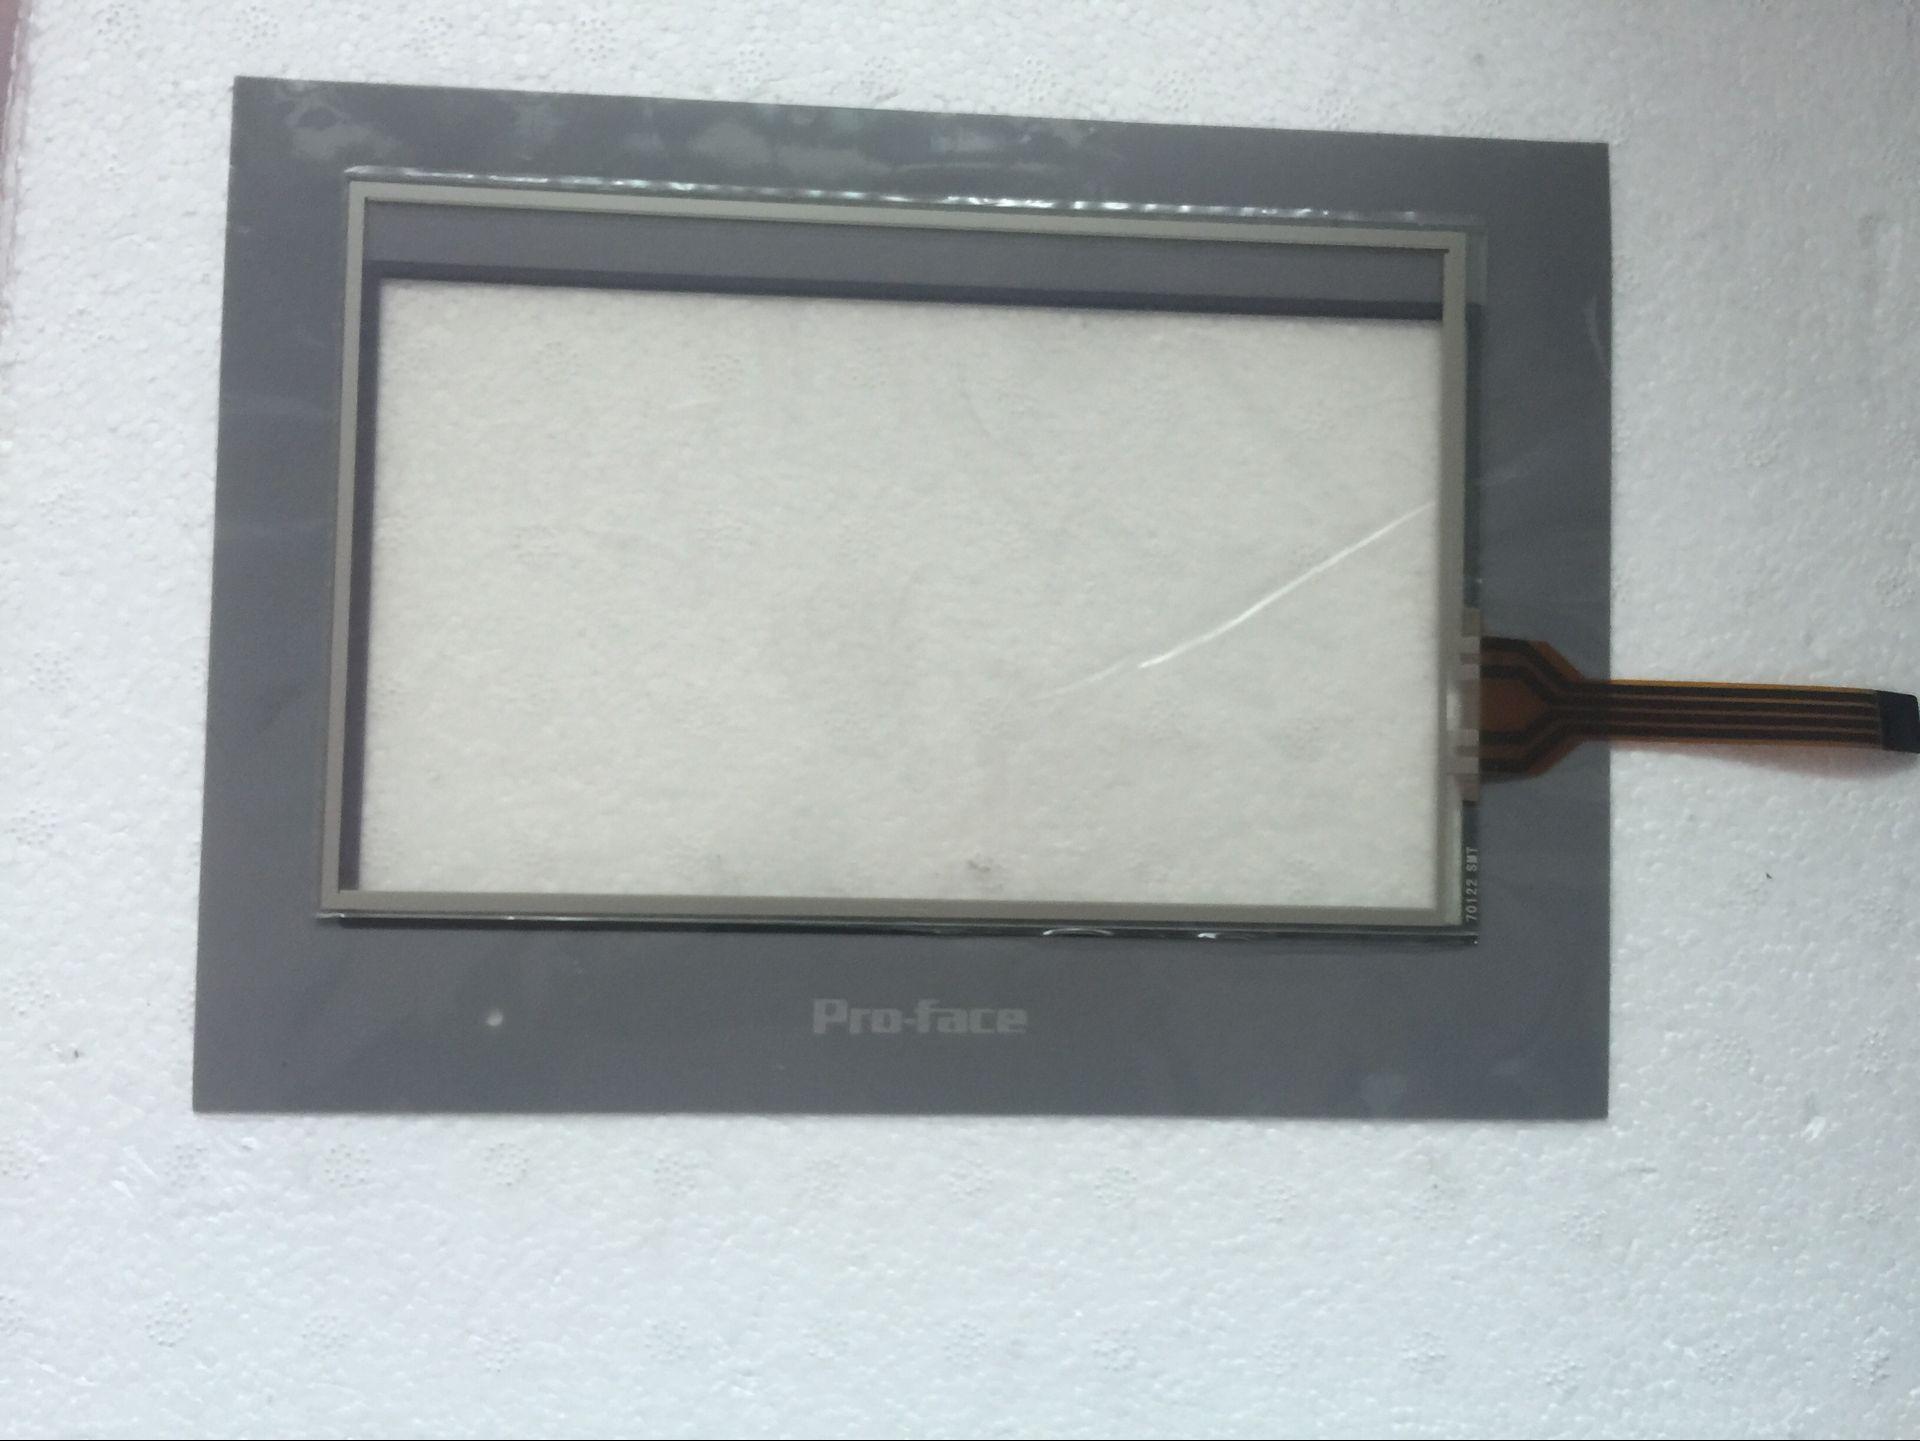 PFXGE4408WAD/GC-4408W 7 بوصة تعمل باللمس الزجاج + غشاء فيلم ل HMI لوحة إصلاح ~ تفعل ذلك بنفسك ، دينا في المخزون